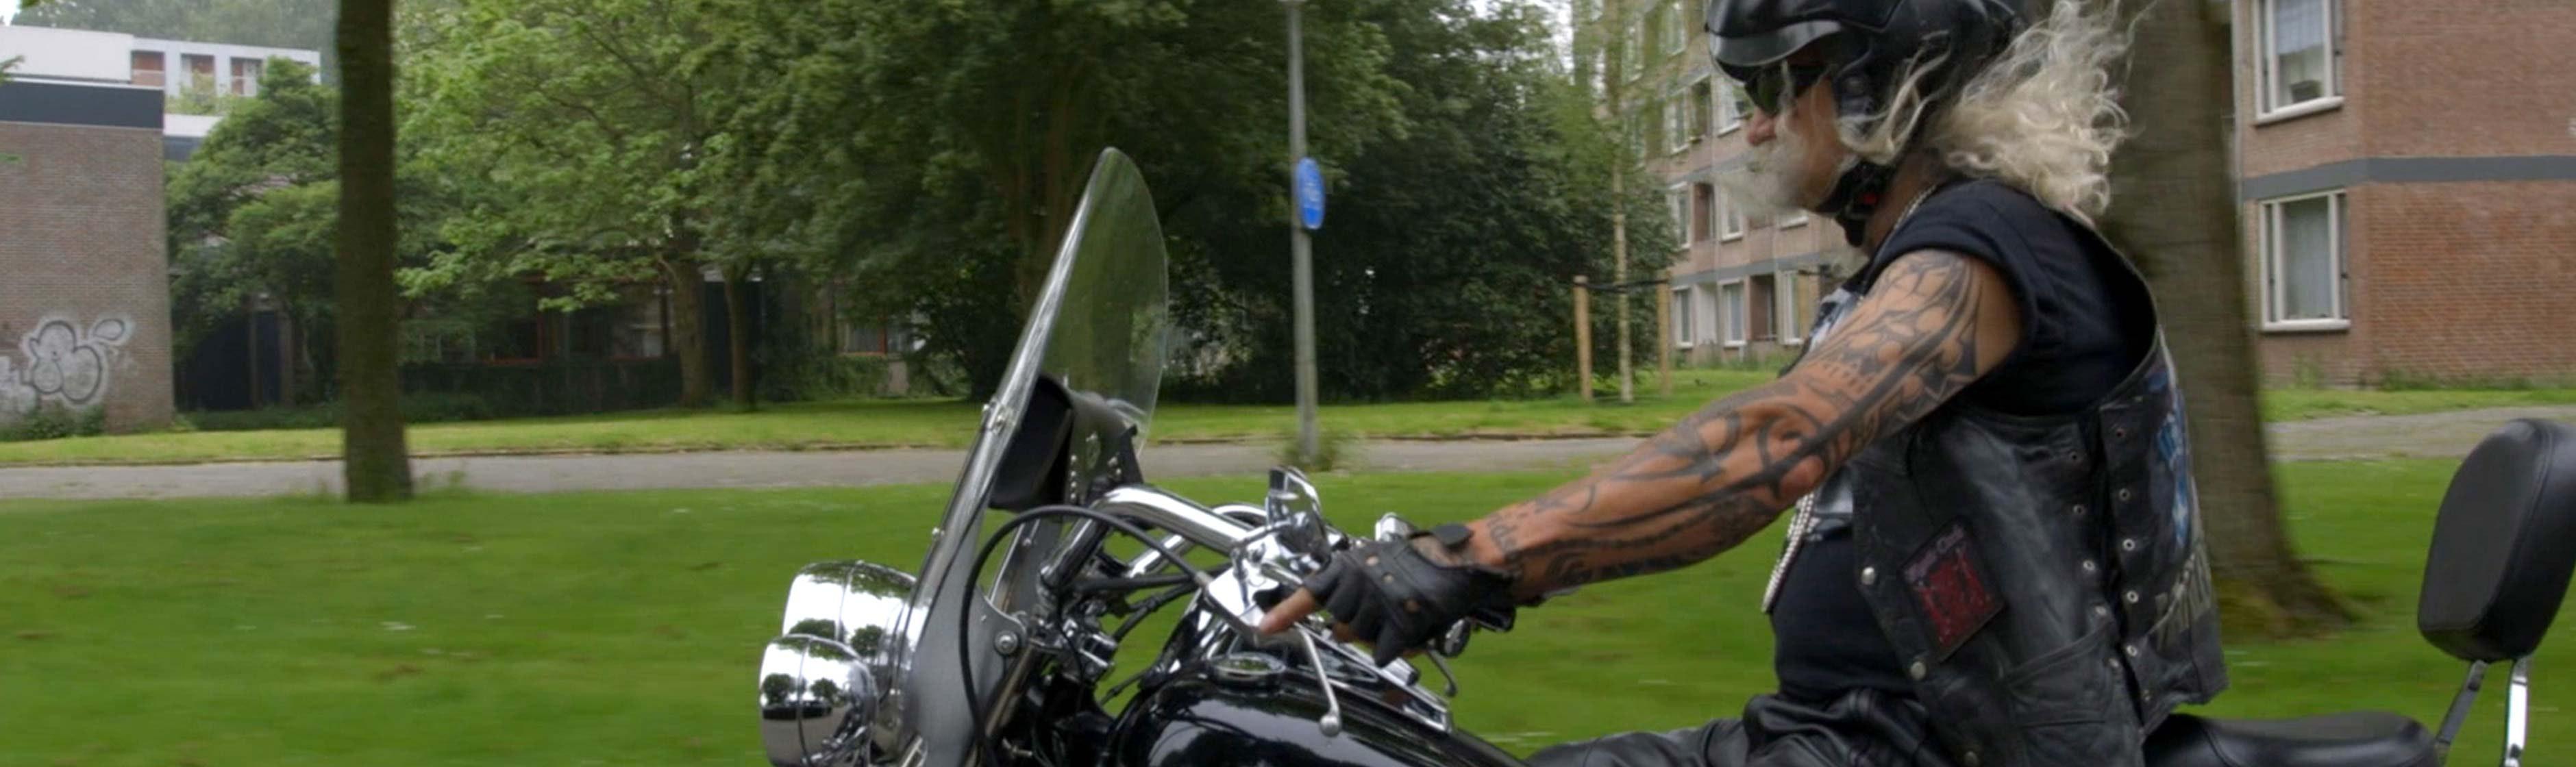 Arie aan het motorrijden